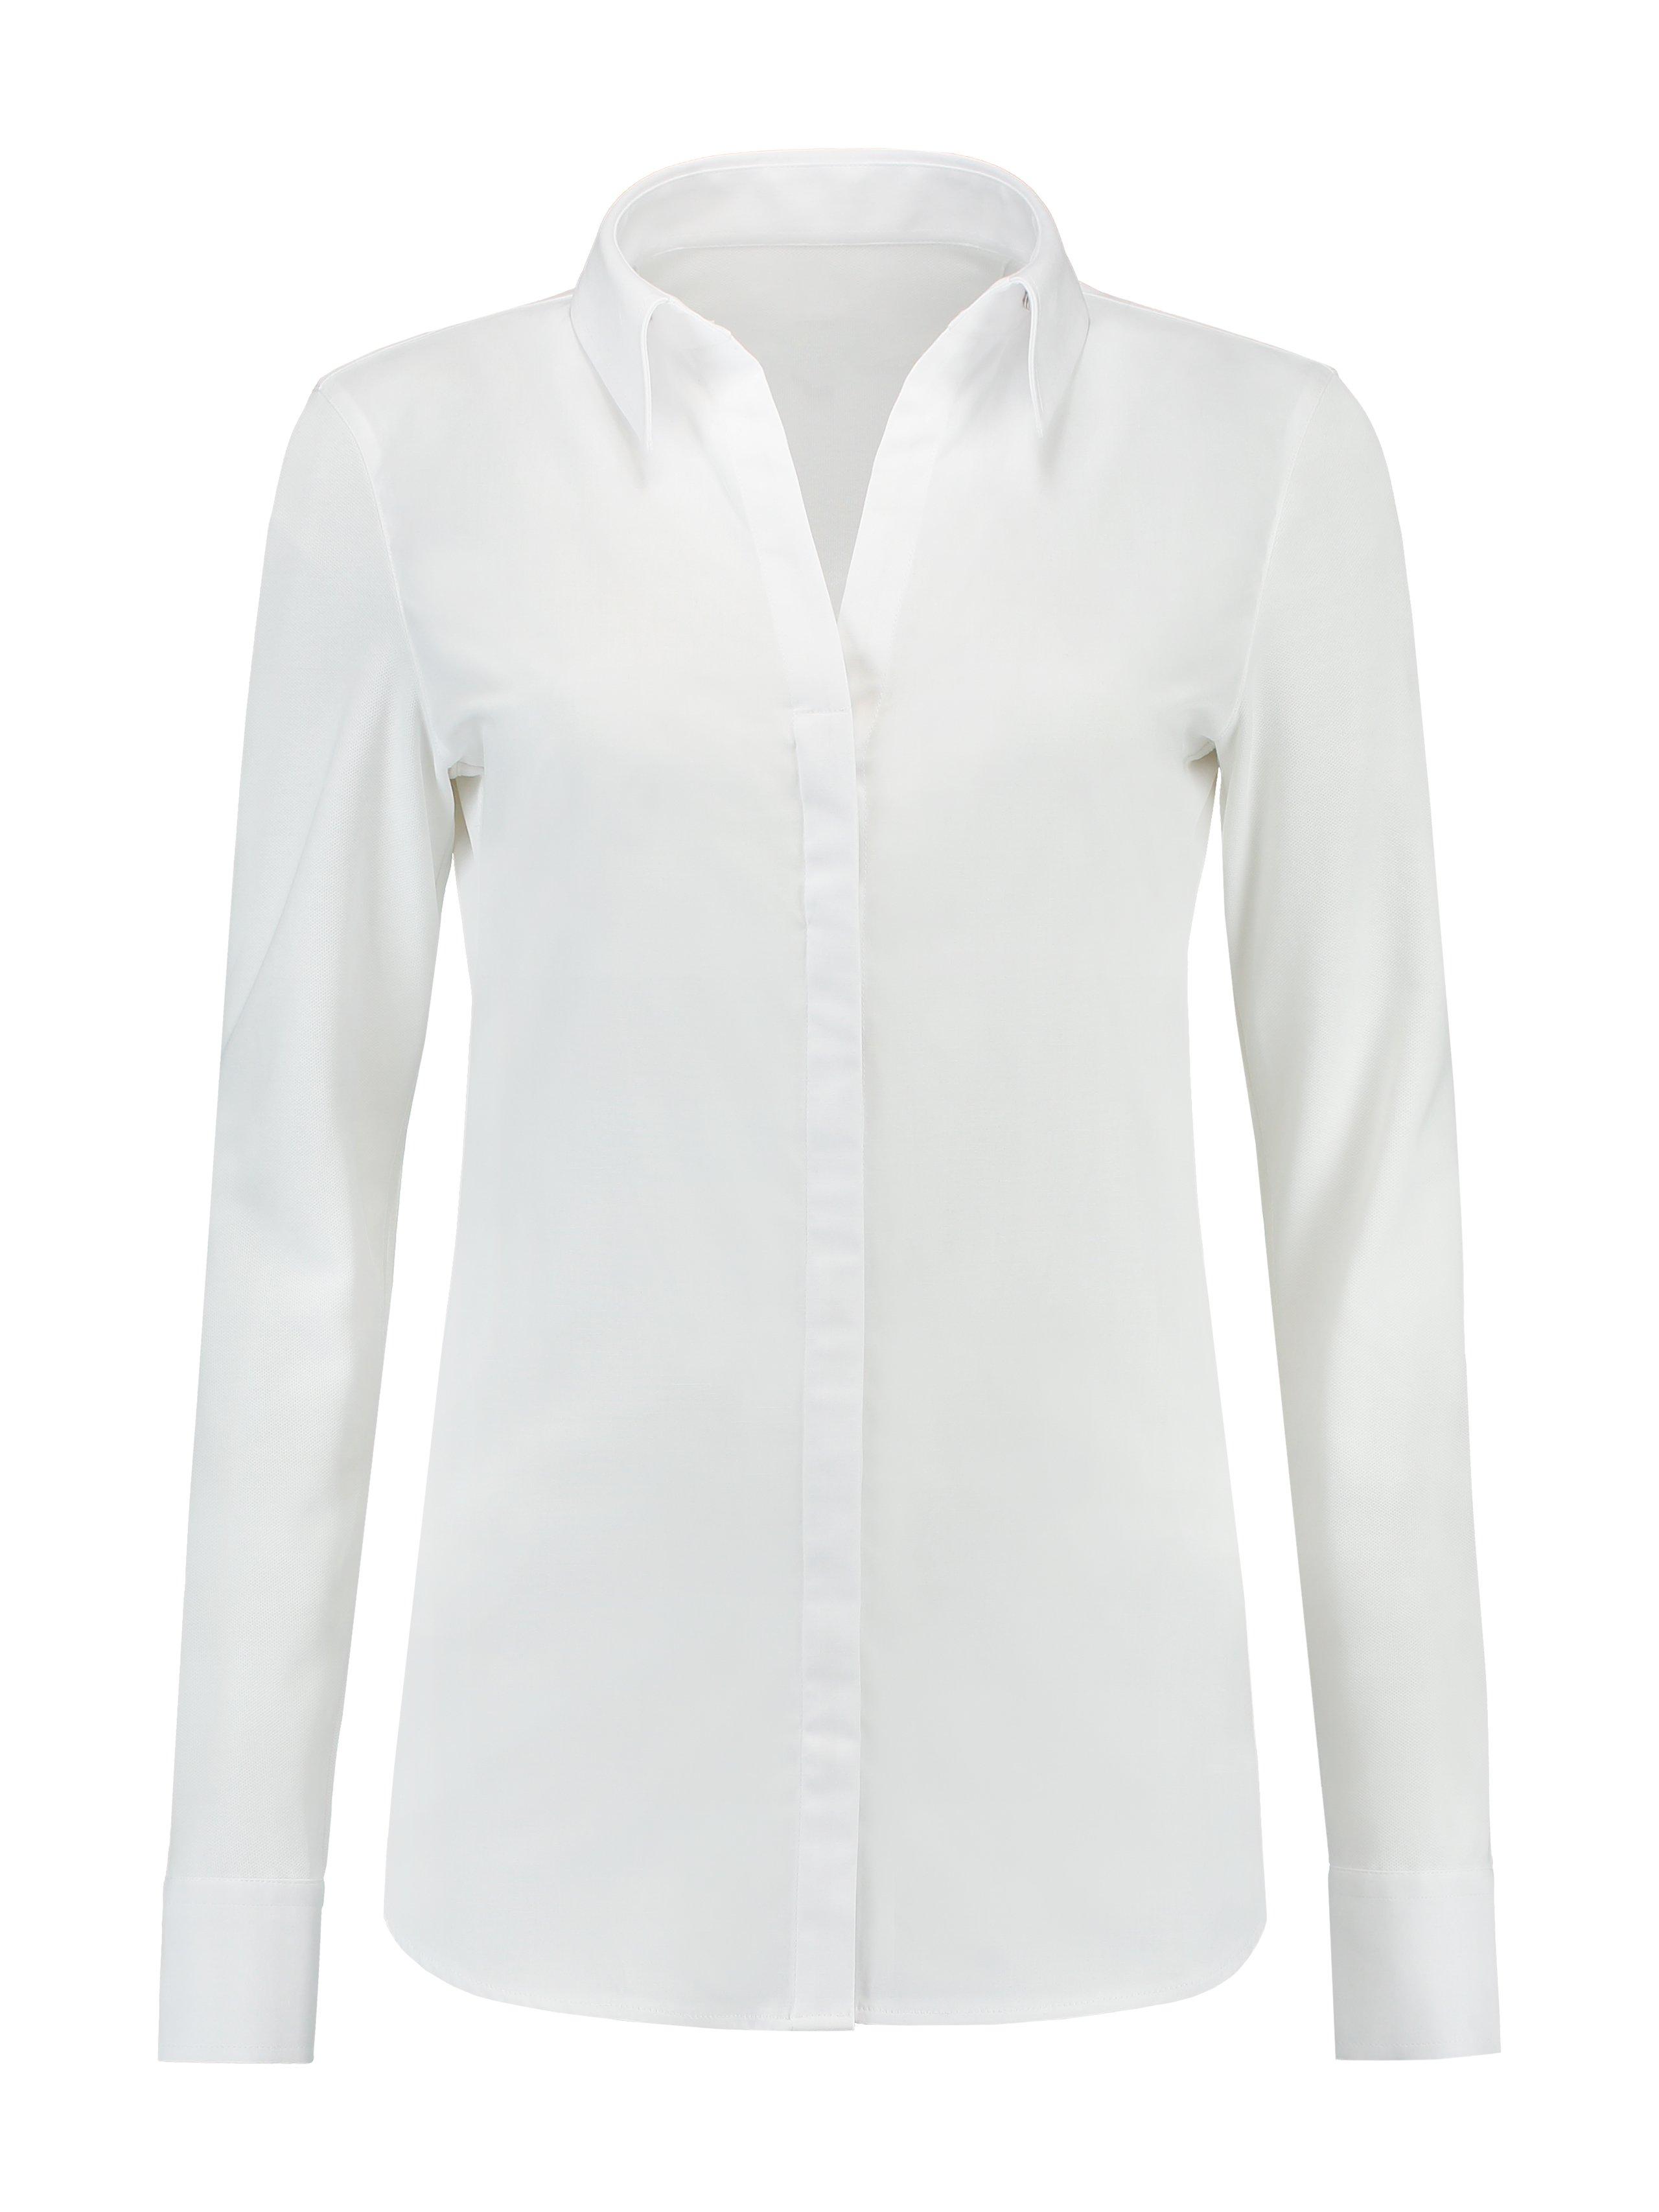 Service Shirt Lon White